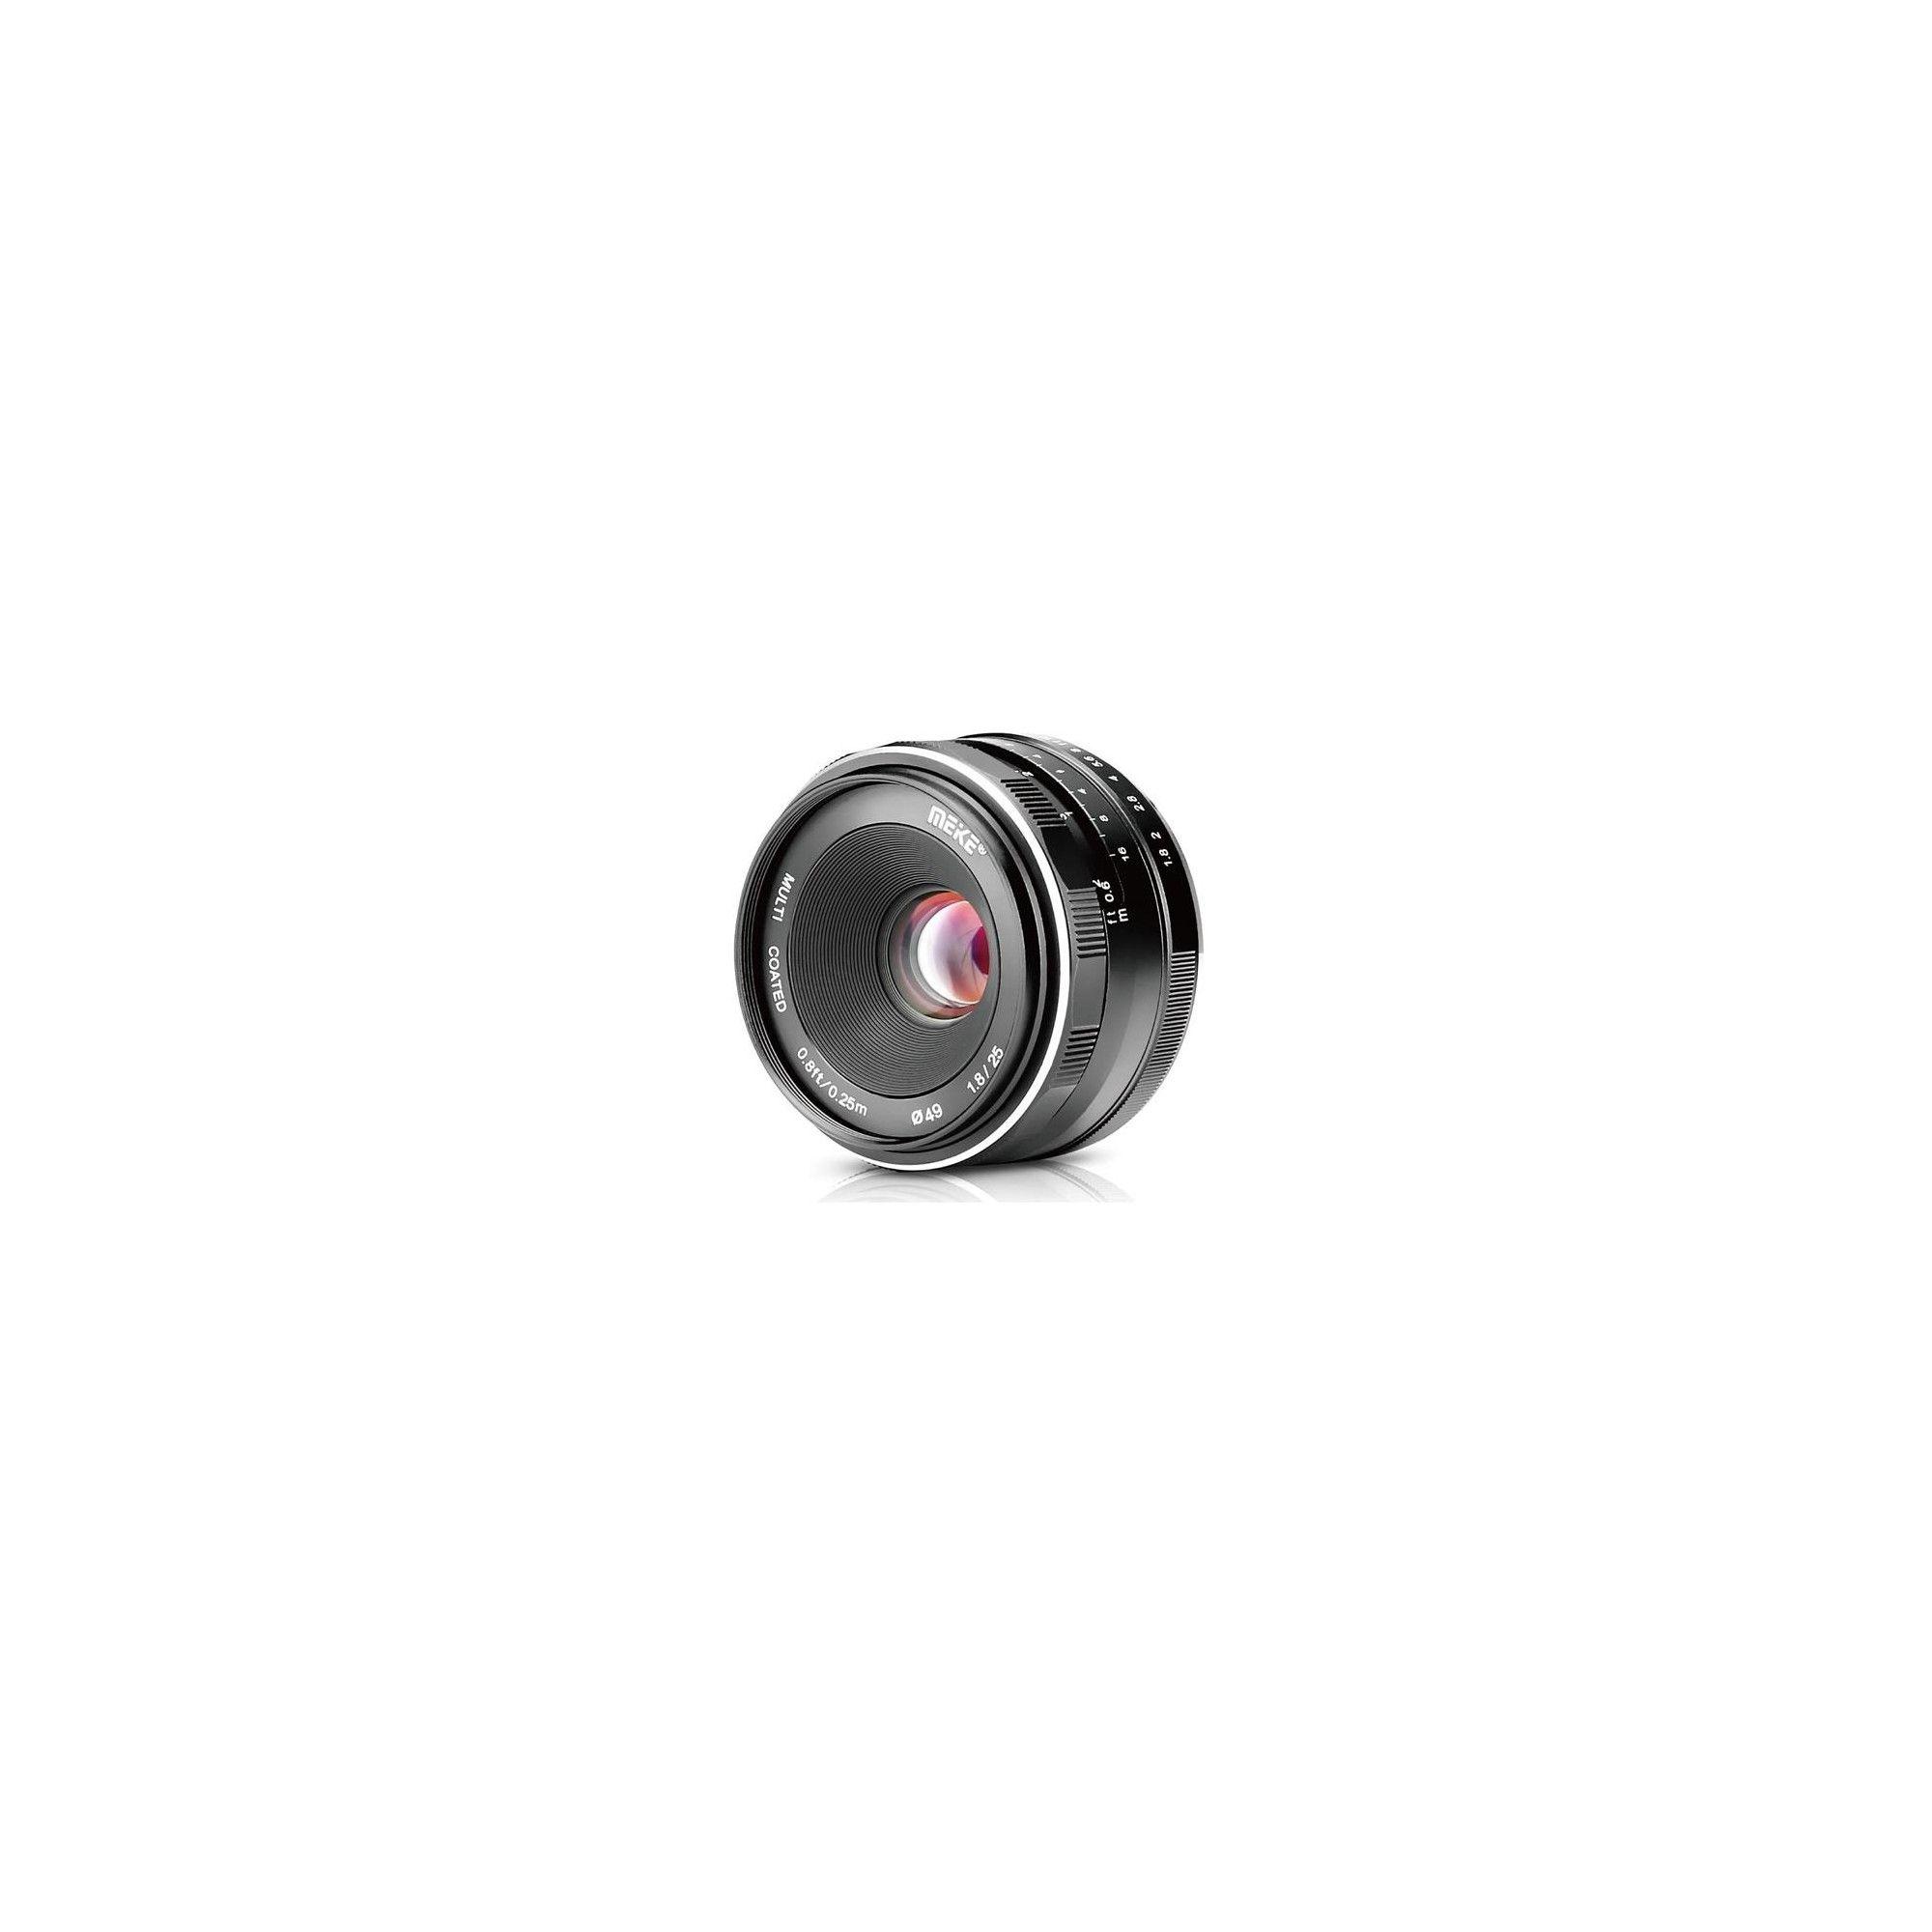 Meike 25mm f/1.8 Lens for Fujifilm X, Black